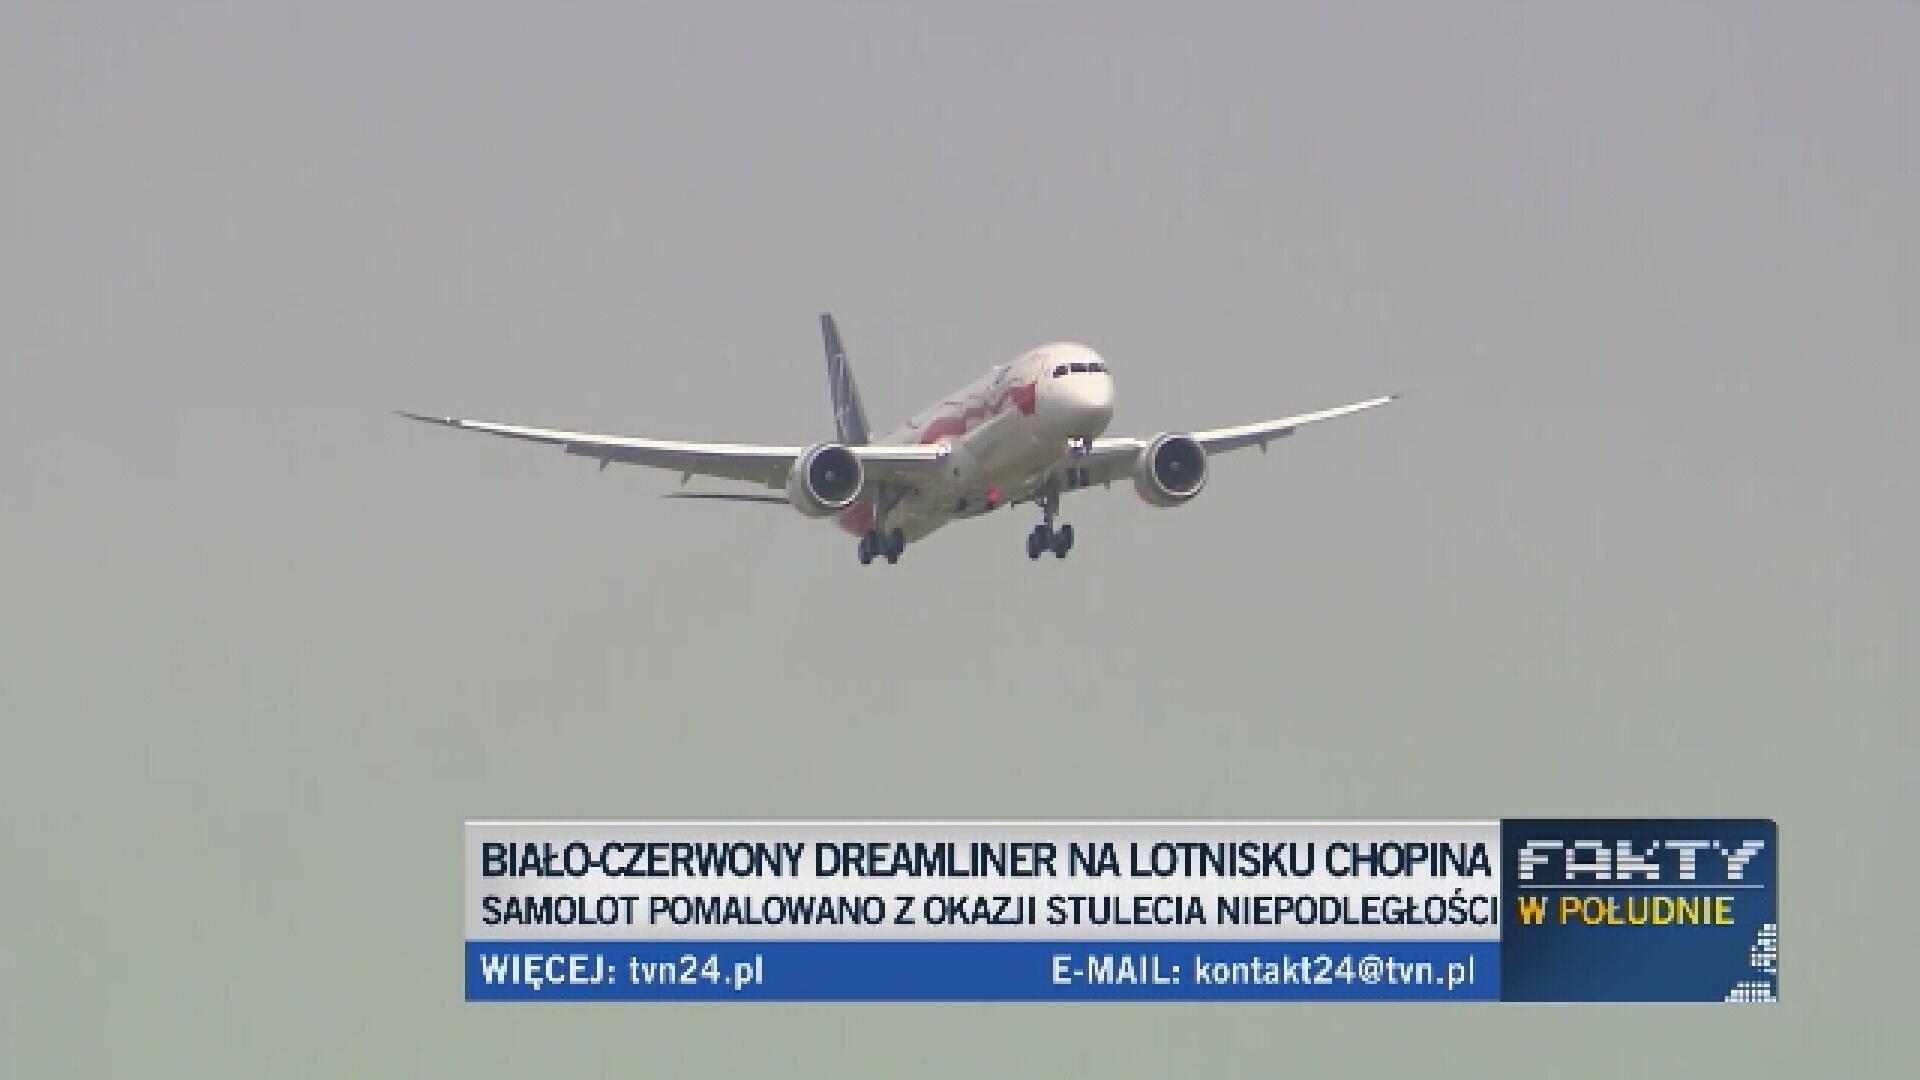 lot od 1 czerwca 2019 roku uruchomi połączenie z warszawy do miami